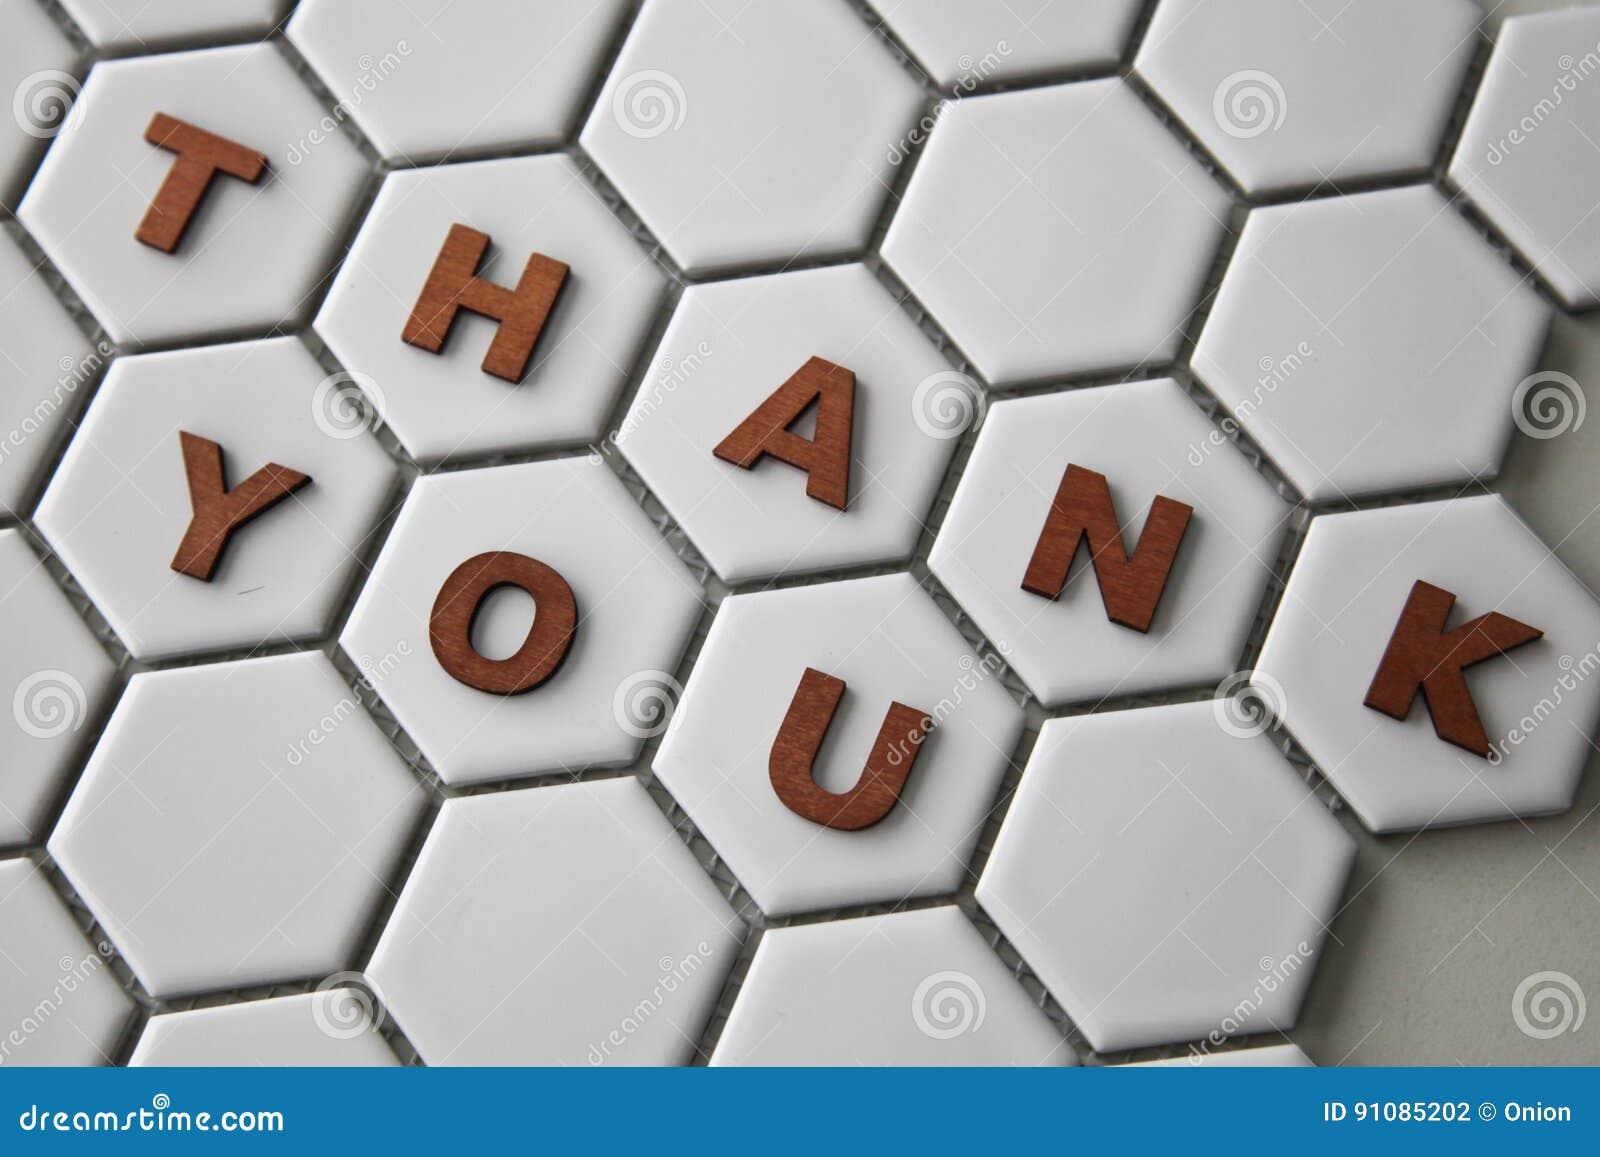 Le lettere che formano le parole vi ringraziano sulle mattonelle a